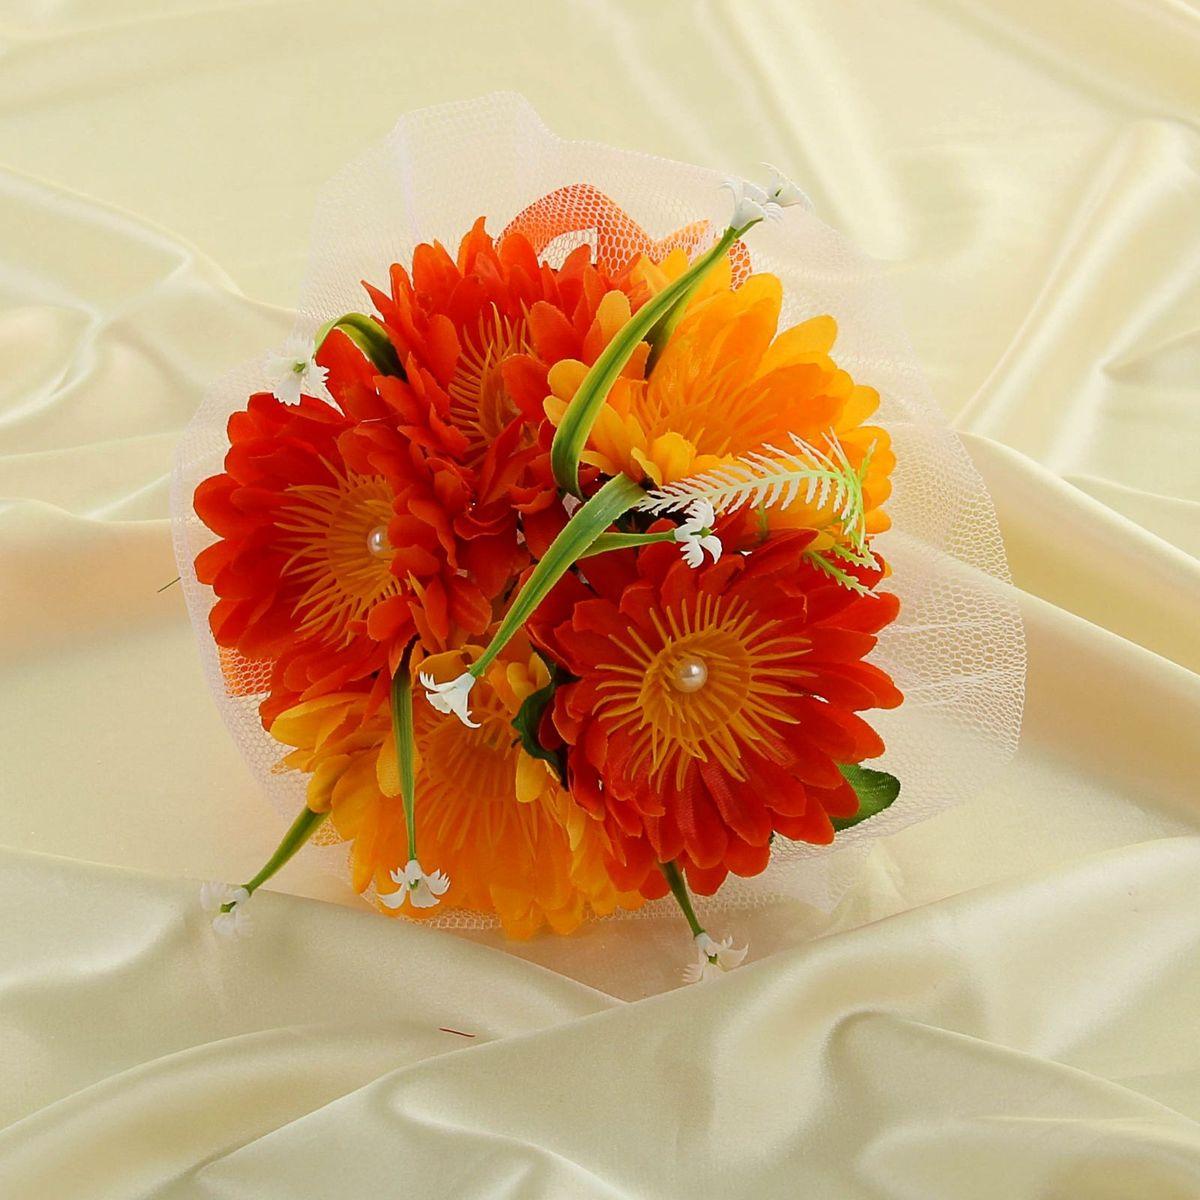 Букет-дублер Sima-land, цвет: оранжевый. 113509297775318Современные невесты используют букеты из искусственных материалов, потому что они легче, дешевле и не рассыпаются в полёте. Ведь для многих незамужних подружек поймать букет на свадьбе — шанс осуществления заветной мечты.Кроме свадебной тематики изделие используют для фотосессий, так как оно не утрачивает праздничный вид даже в непогоду, и как элемент украшения интерьера. Оригинальный букет будет, несомненно, в центре внимания на торжественном событии.